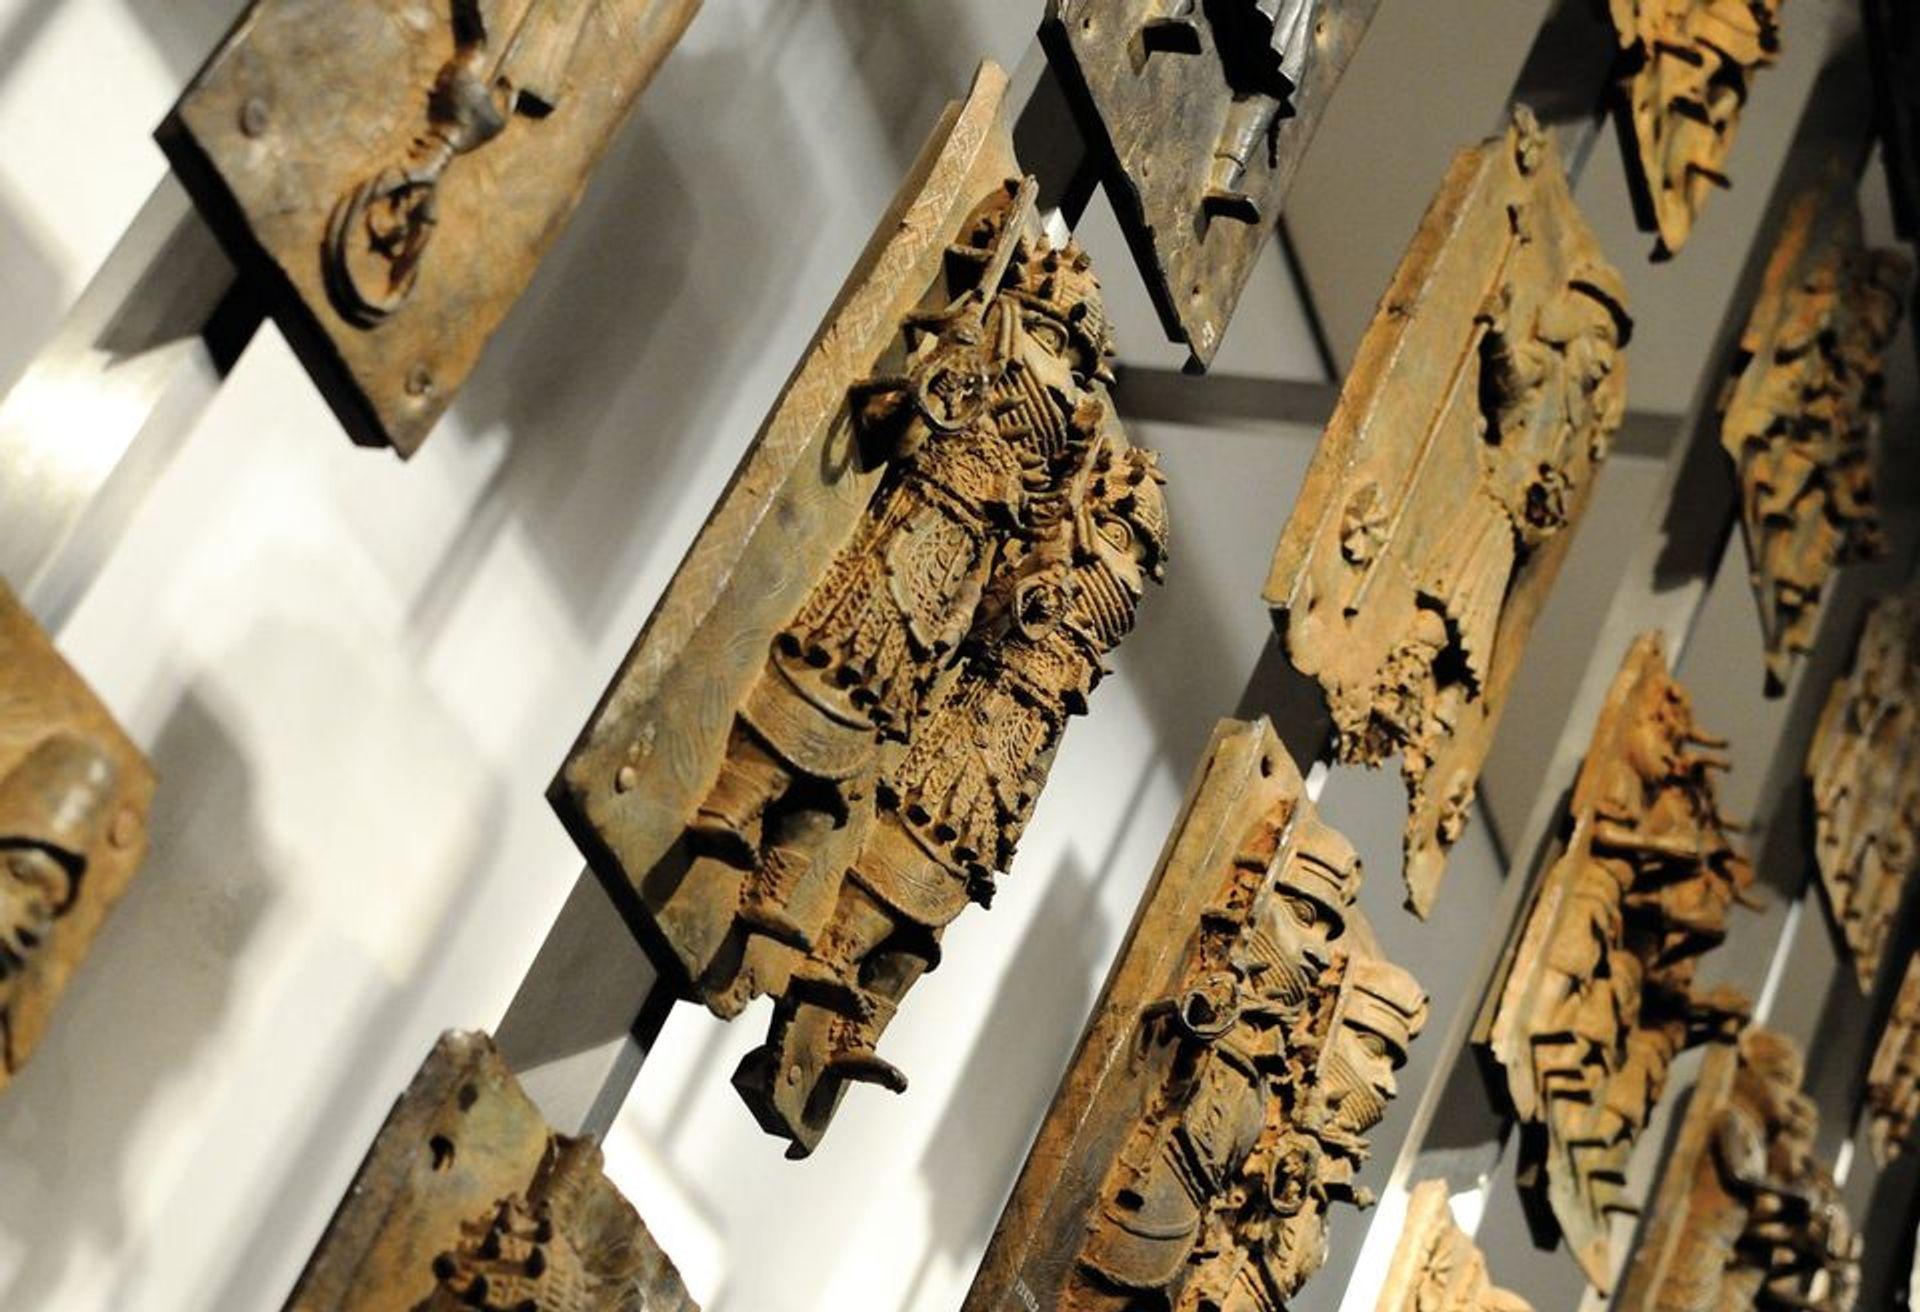 The Benin Bronzes at the British Museum © British Museum